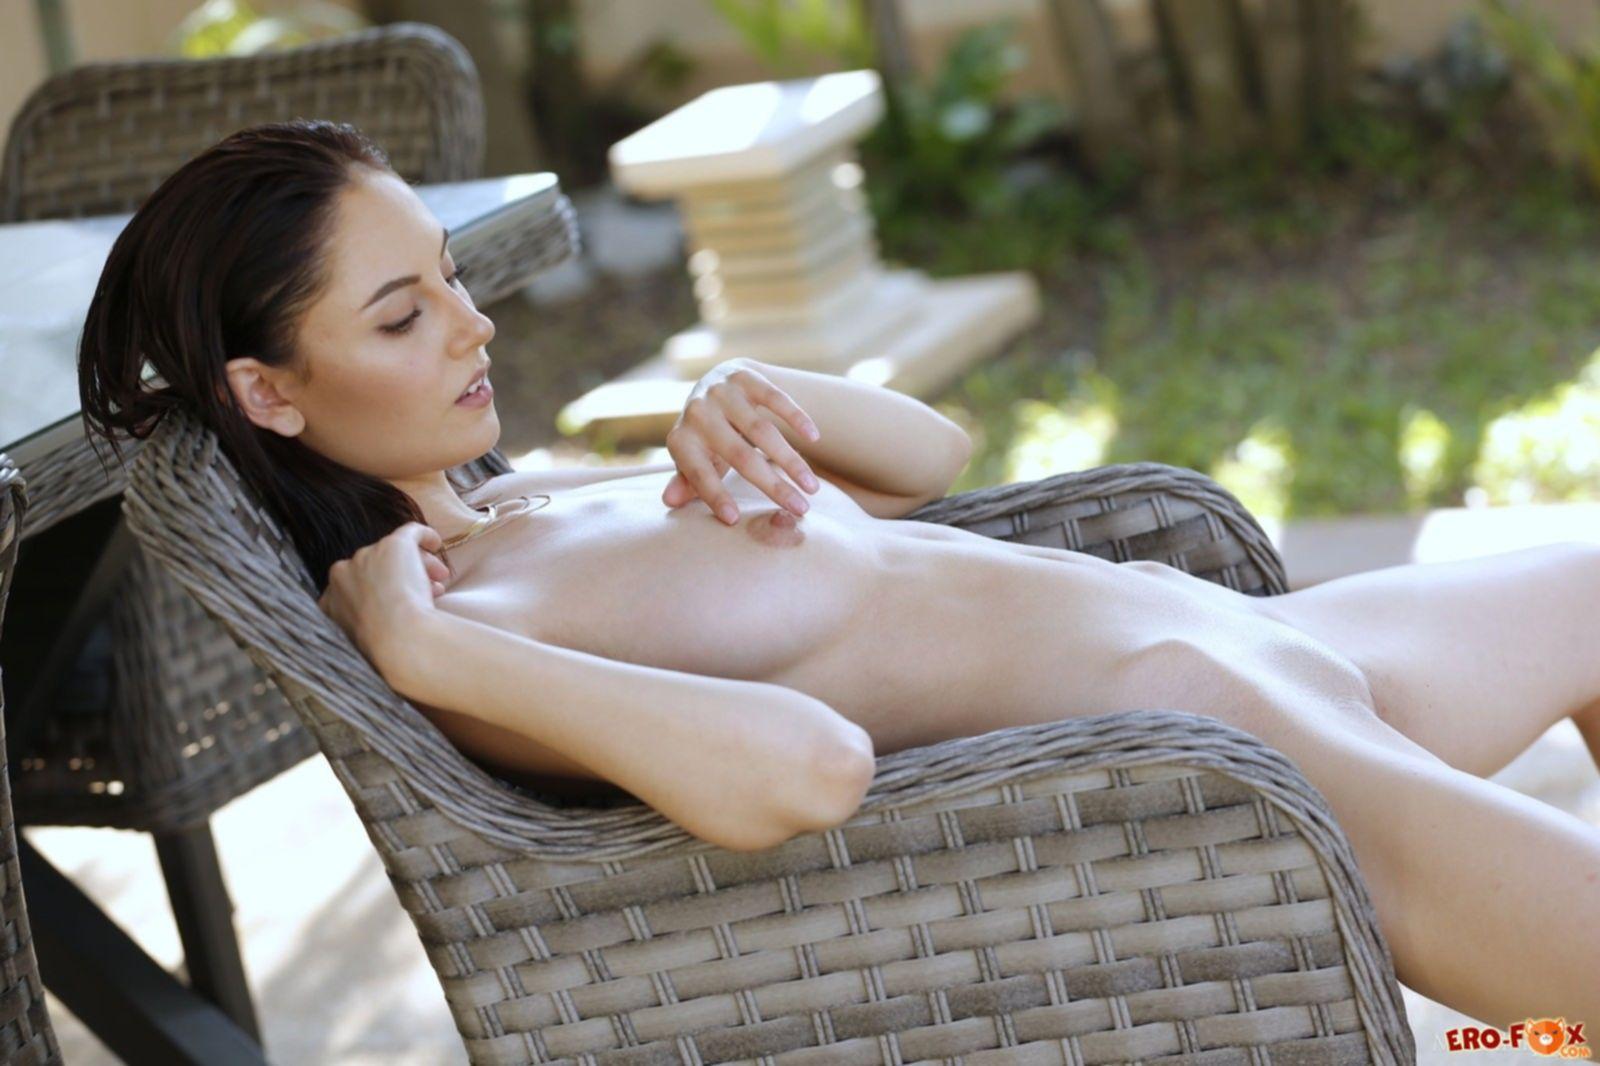 Сняла купальник и позирует голая - фото